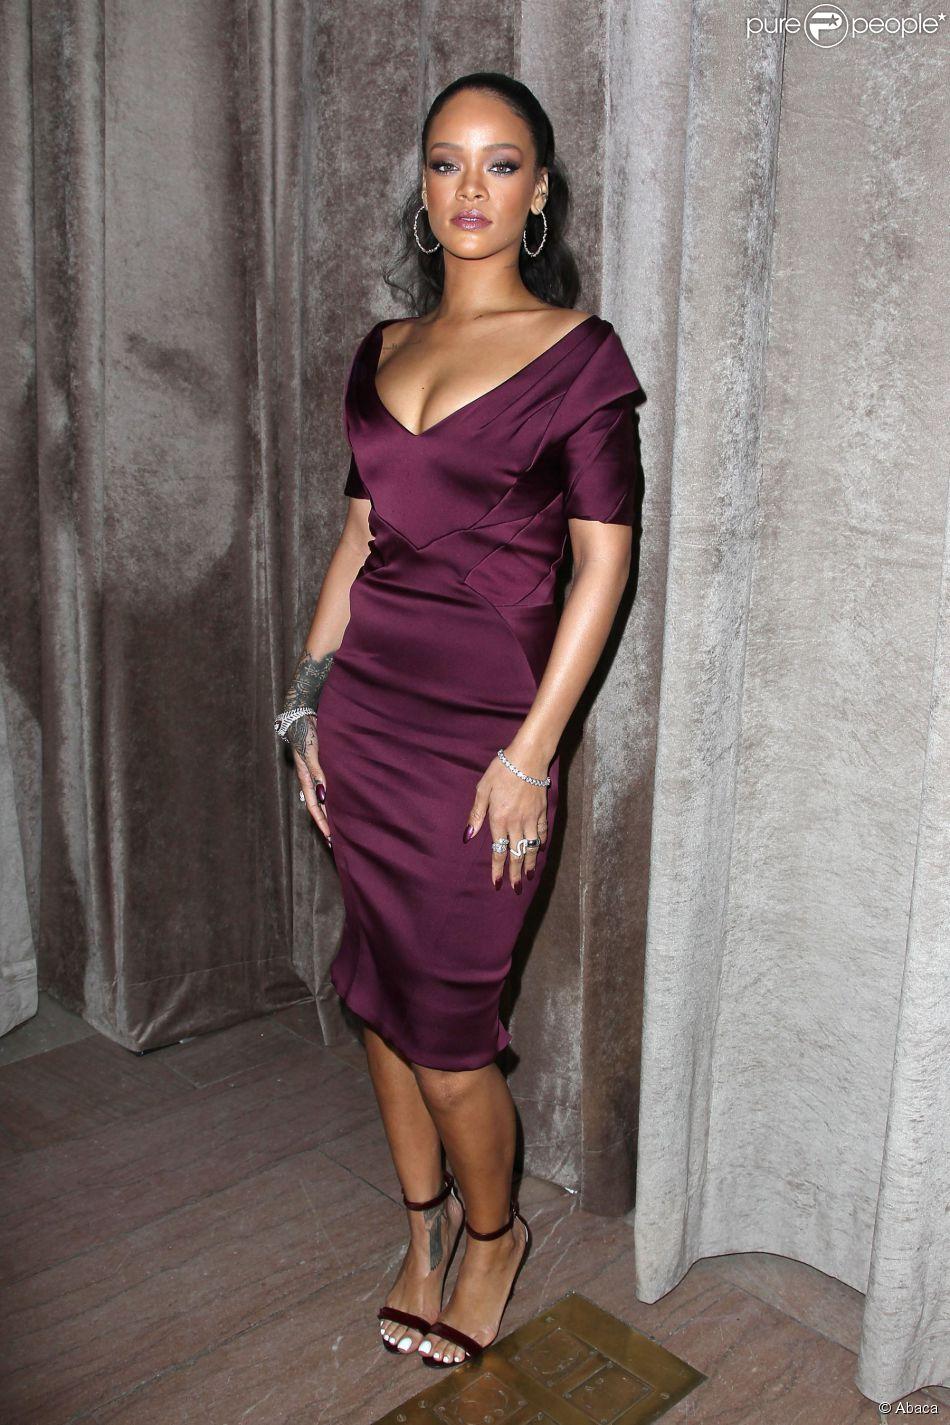 Rihanna lors du défilé Zac Posen automne-hiver 2015-2016 à la Grand Central Station. New York, le 16 février 2015.